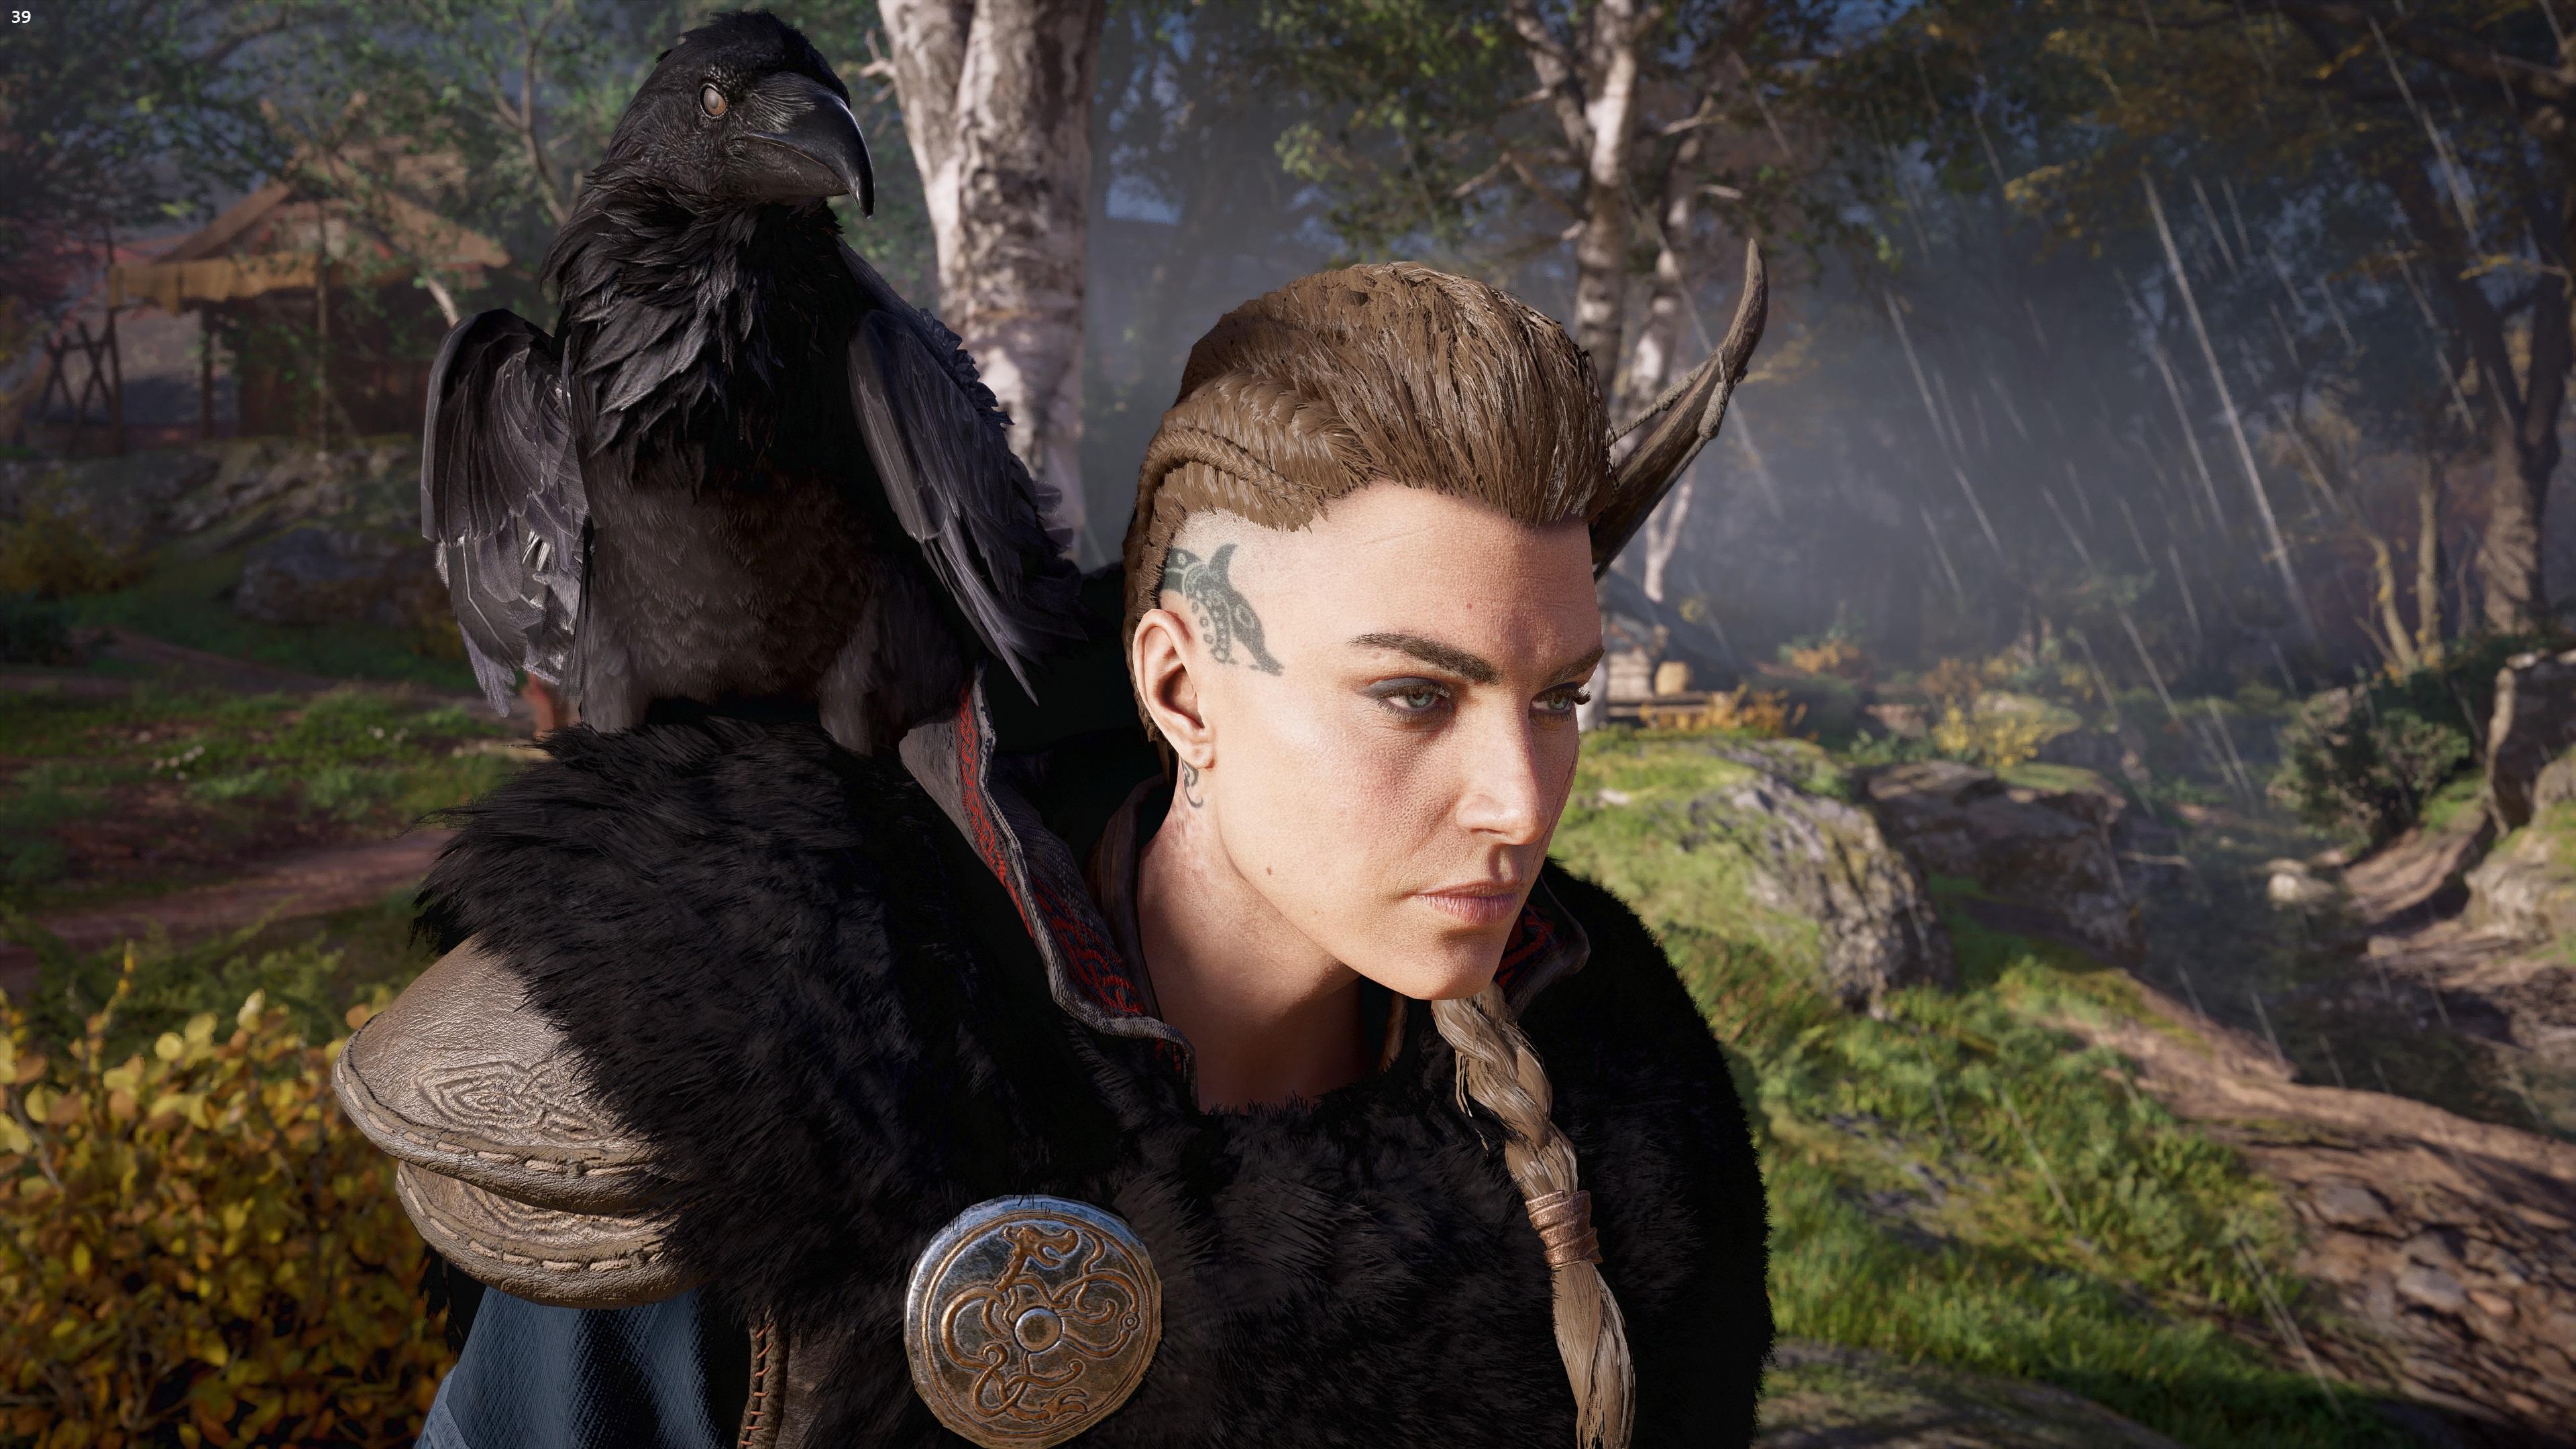 Assassin's Creed Valhalla Screenshot 2020.11.21 - 11.00.28.44.jpg - Assassin's Creed: Valhalla